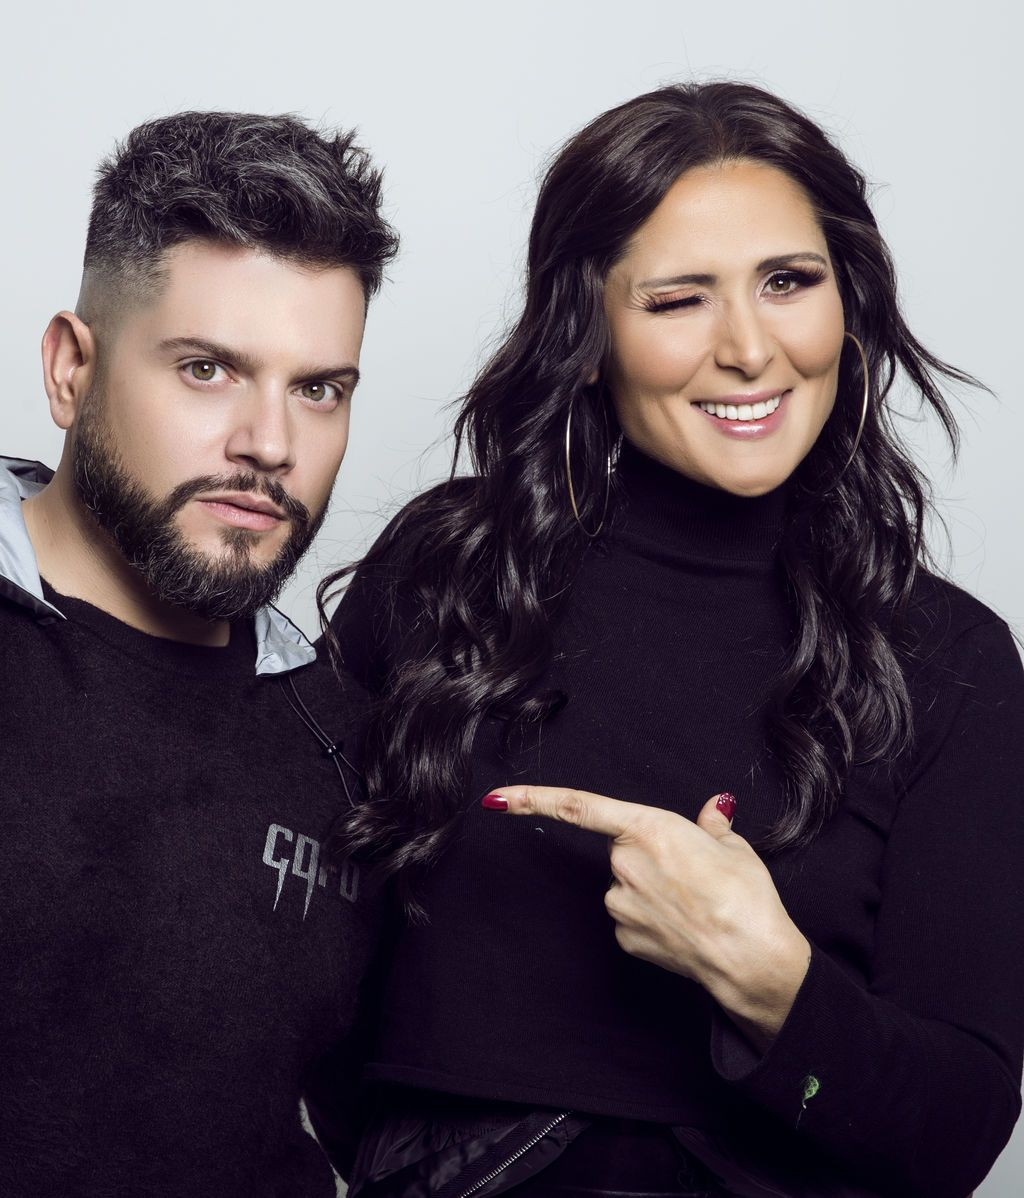 Rosa López posa junto a Alberto Dugarte en una sesión con el fotógrafo Jesús Mayorga